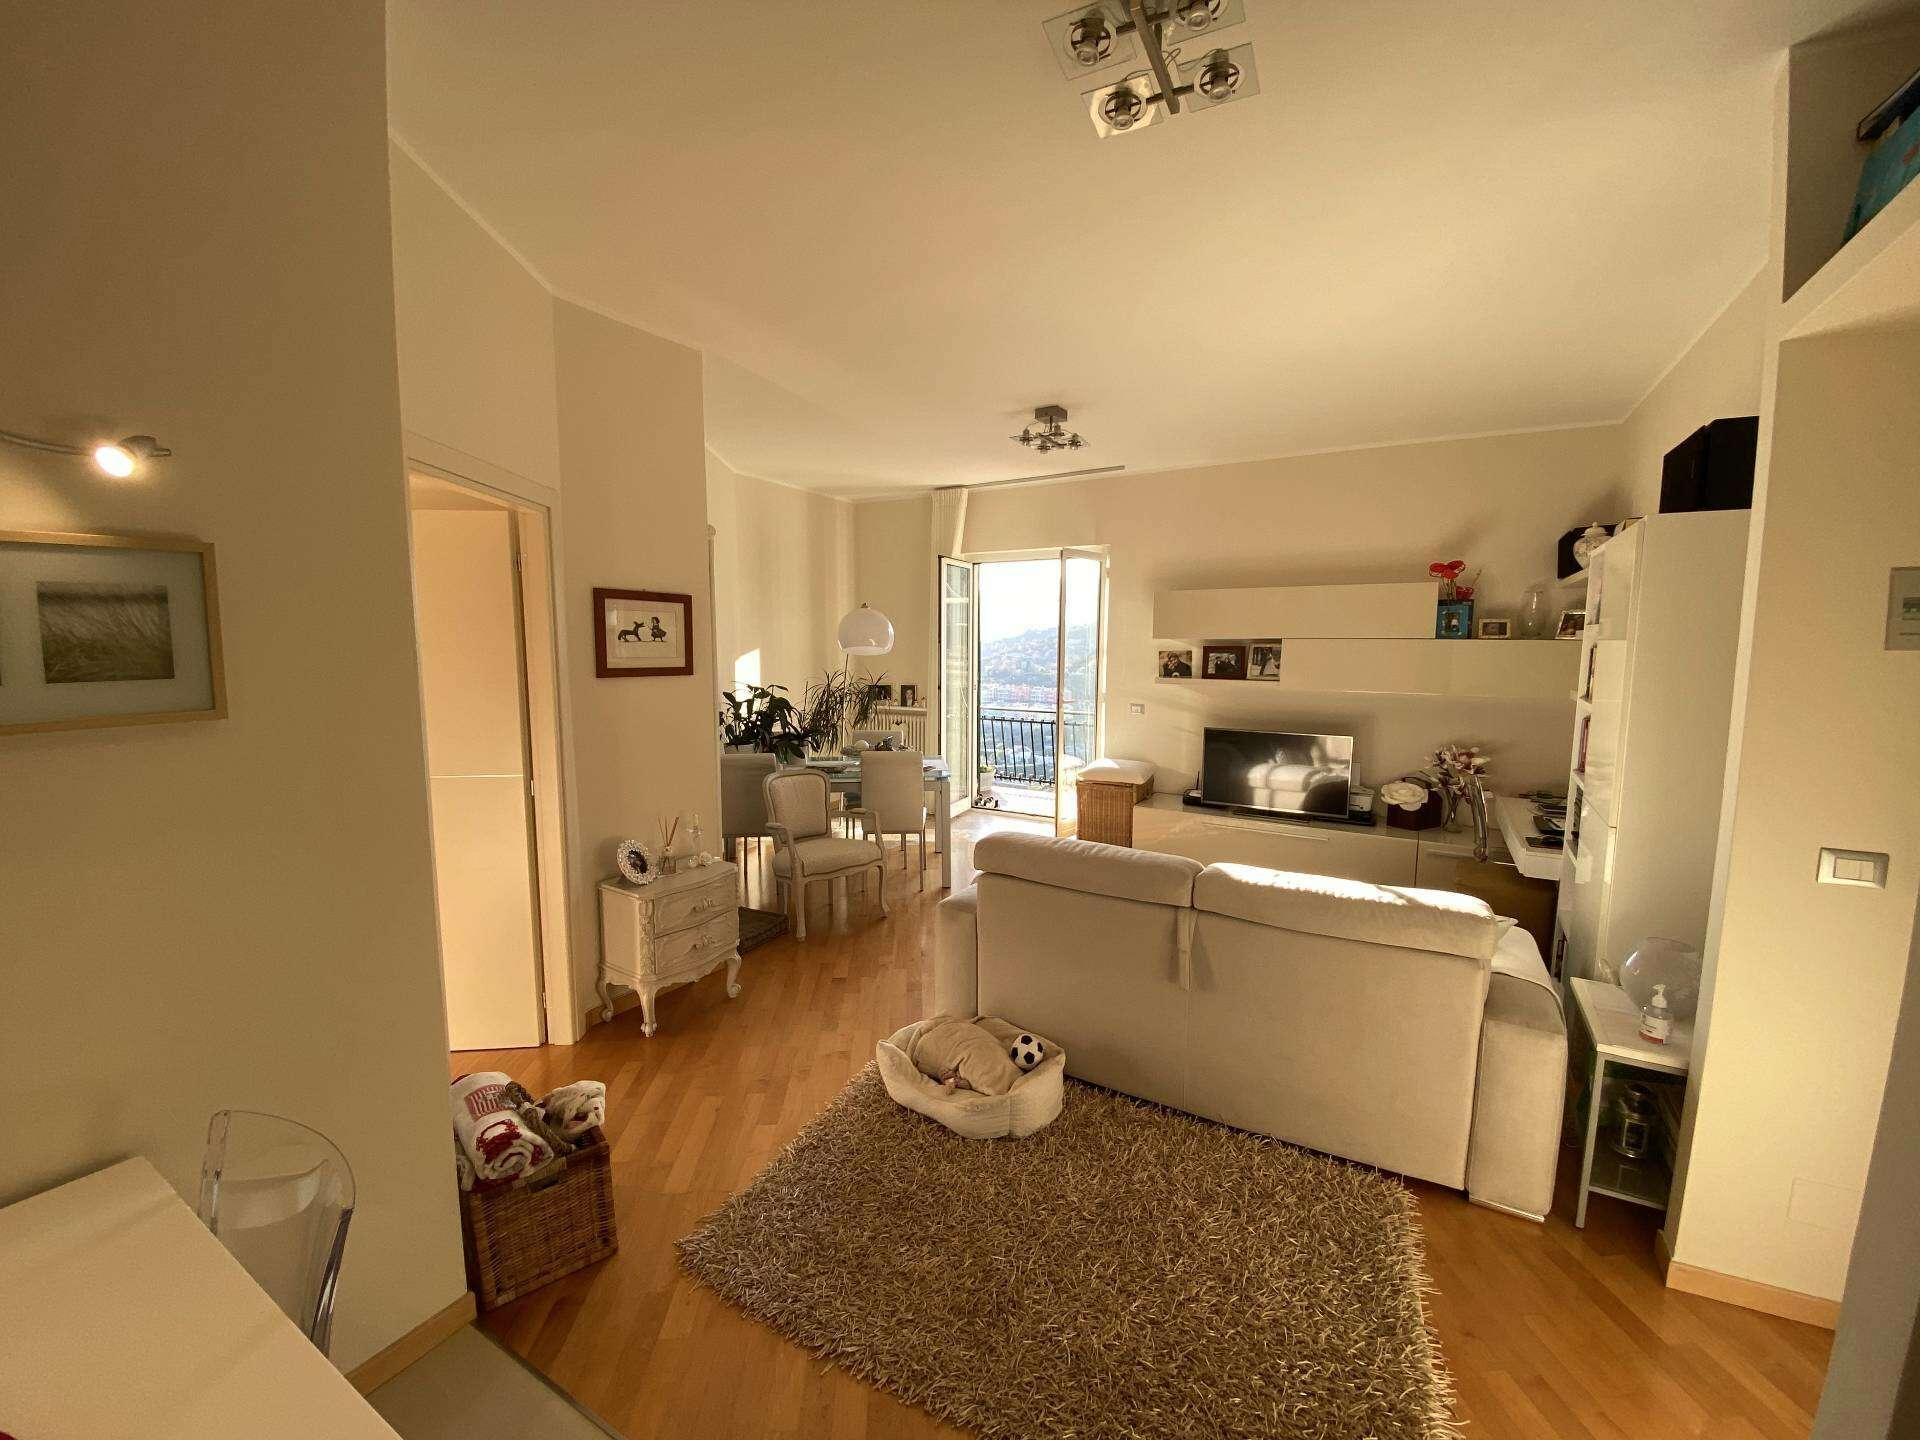 Appartamento quadrilocale in vendita a pietra ligure via for Piani di cabina di 800 piedi quadrati